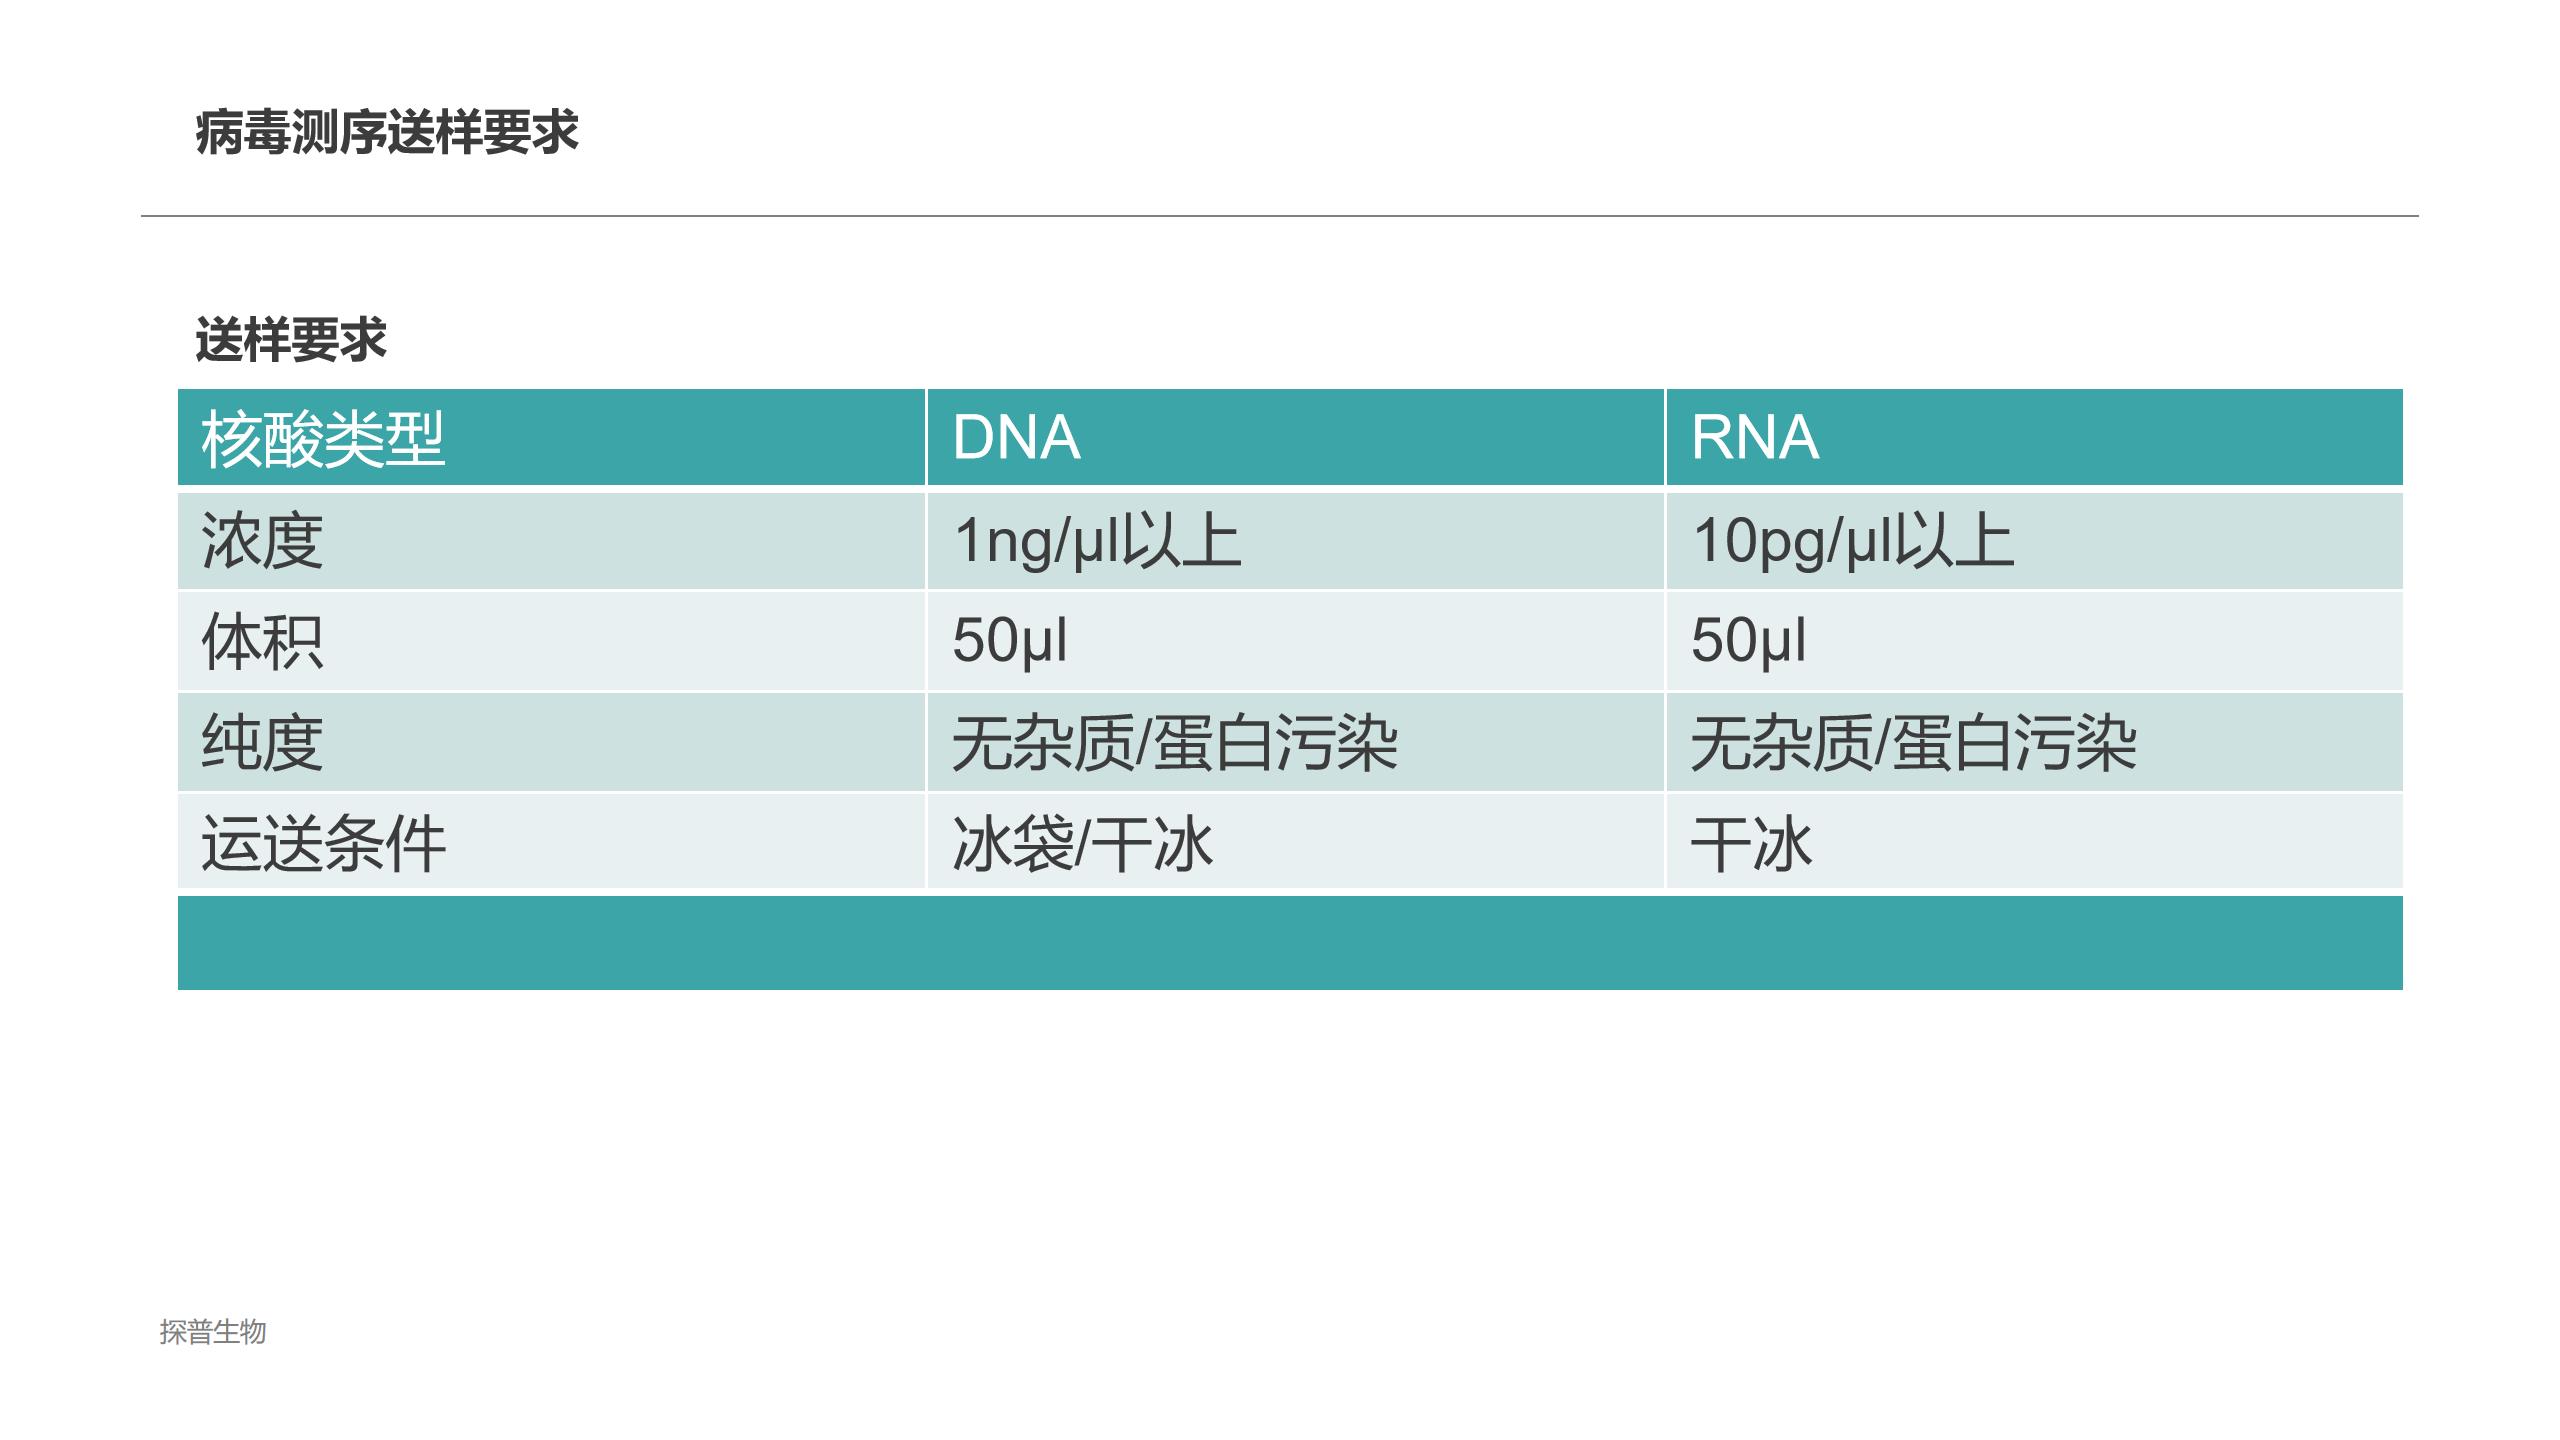 山东养殖未知病原微生物鉴定经验丰富「上海探普生物科技供应」